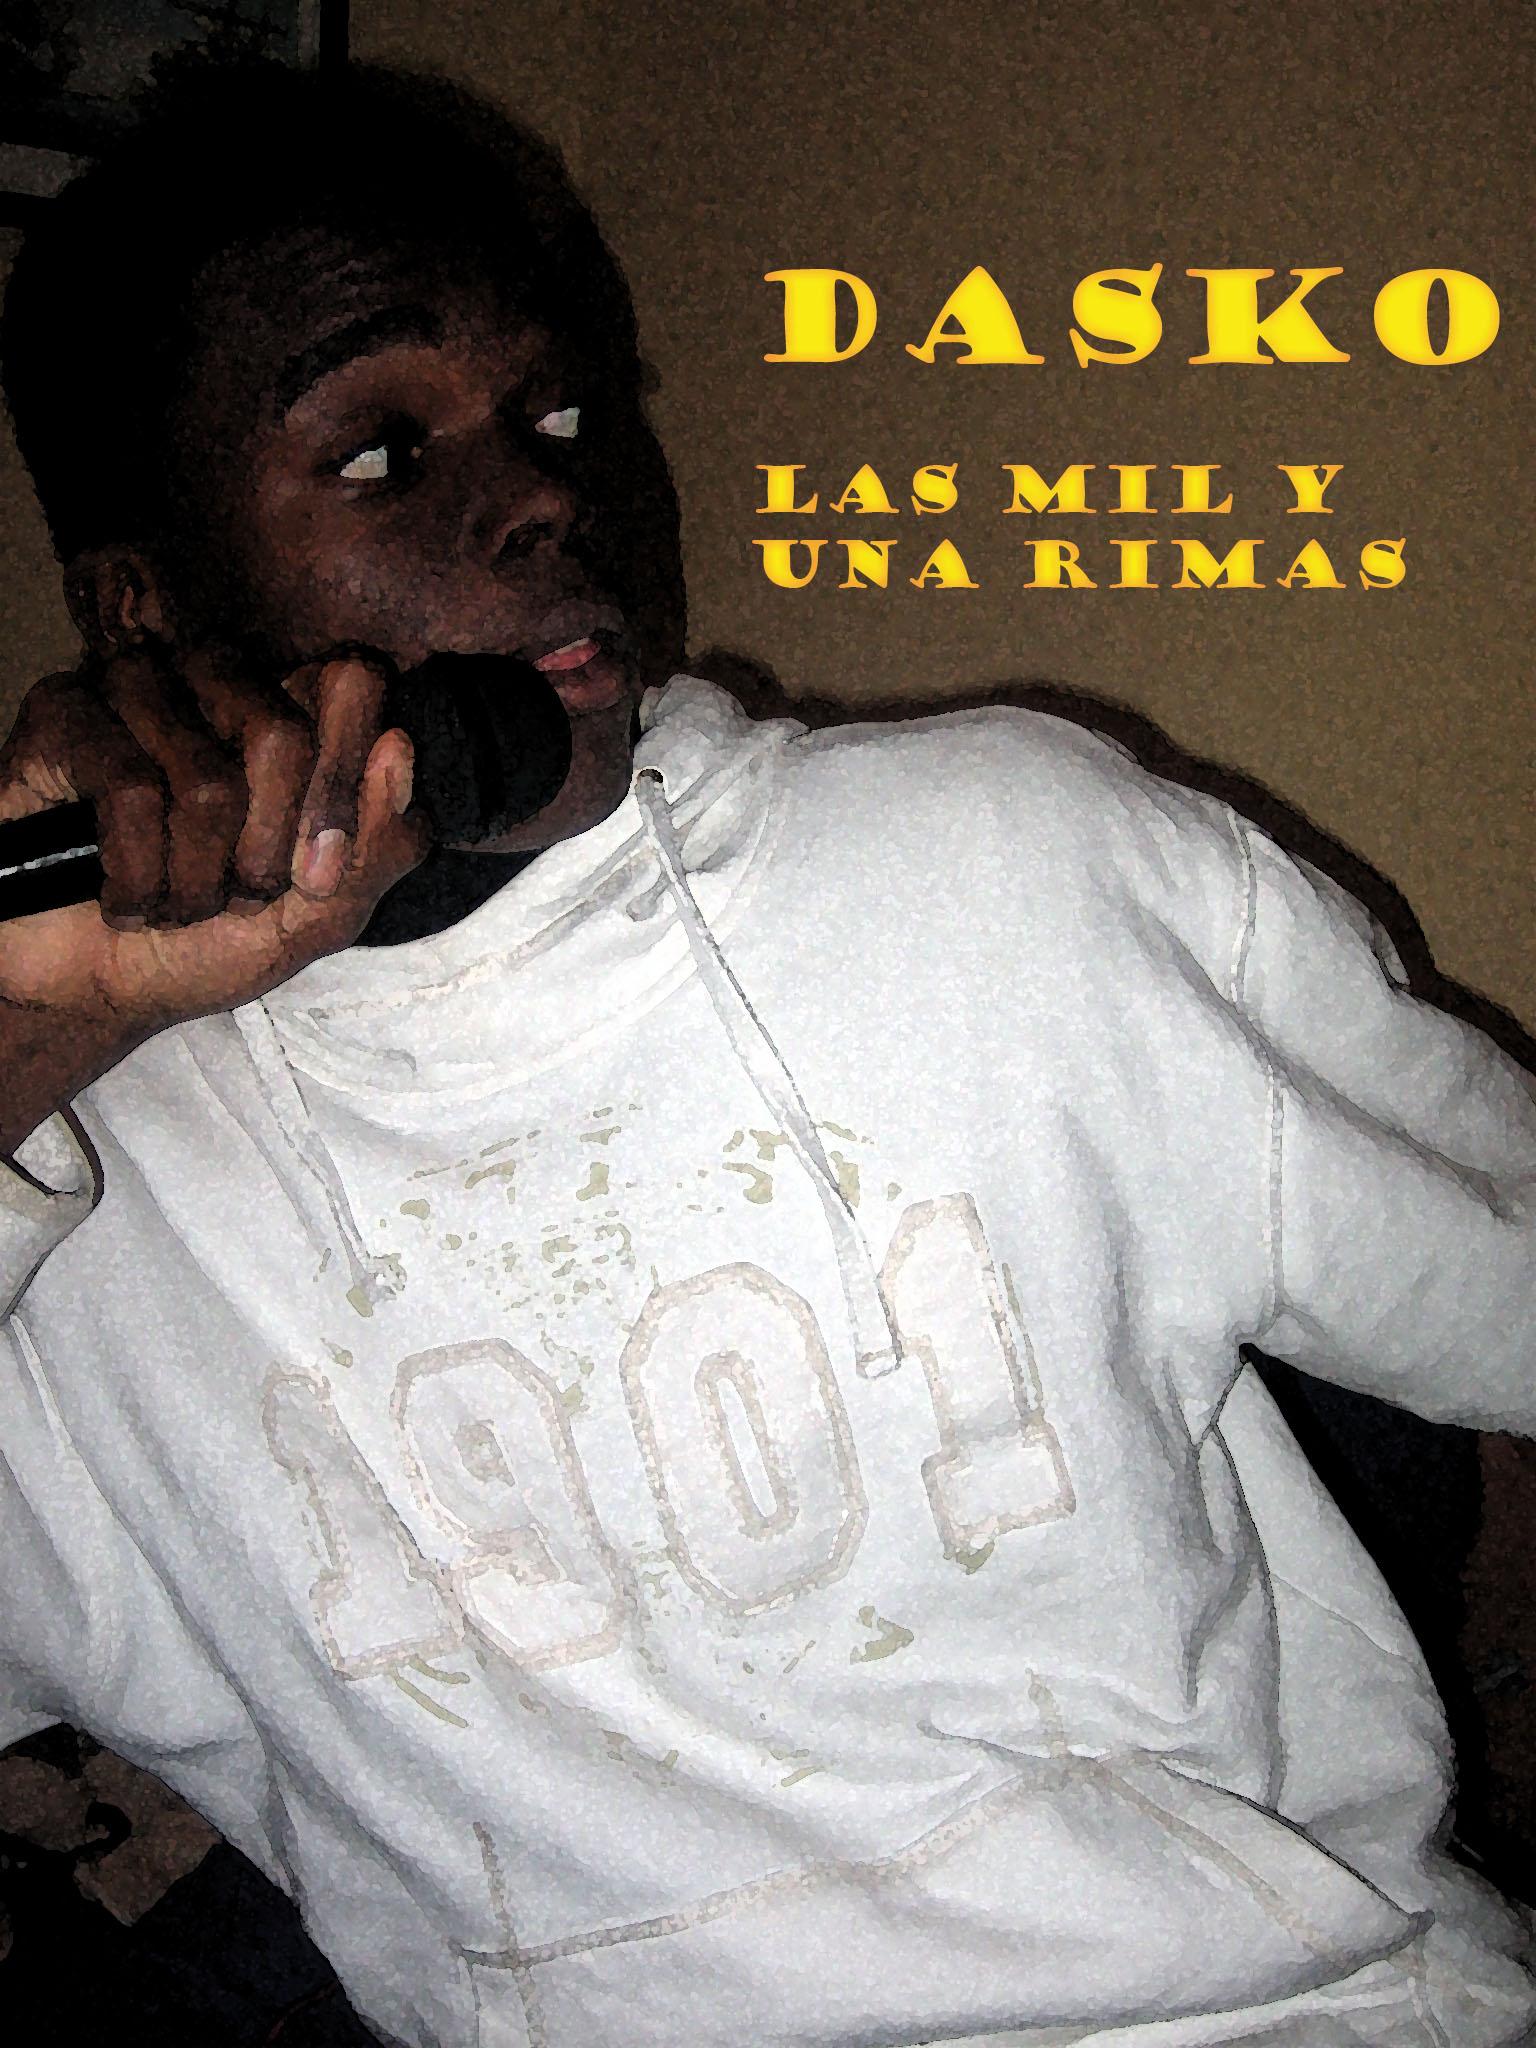 Dasko - Las mil y una rimas » Álbum Hip Hop Groups